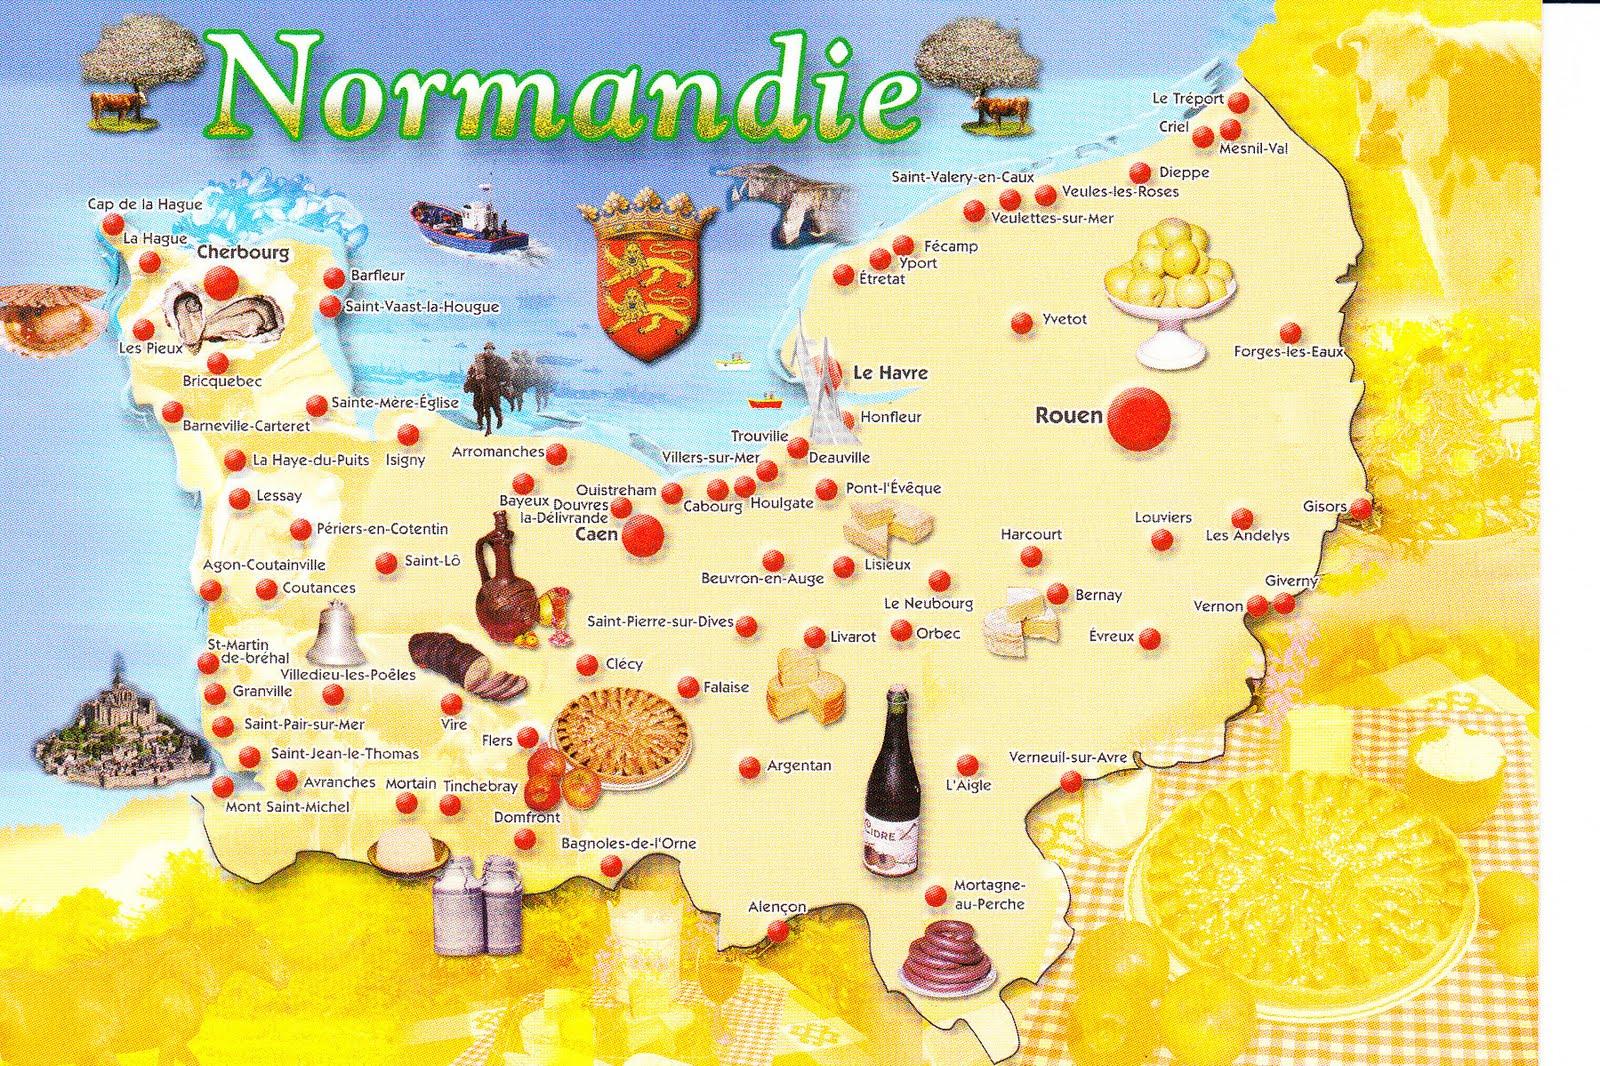 Travel Map Of France.City Maps Stadskartor Och Turistkartor Travel Portal